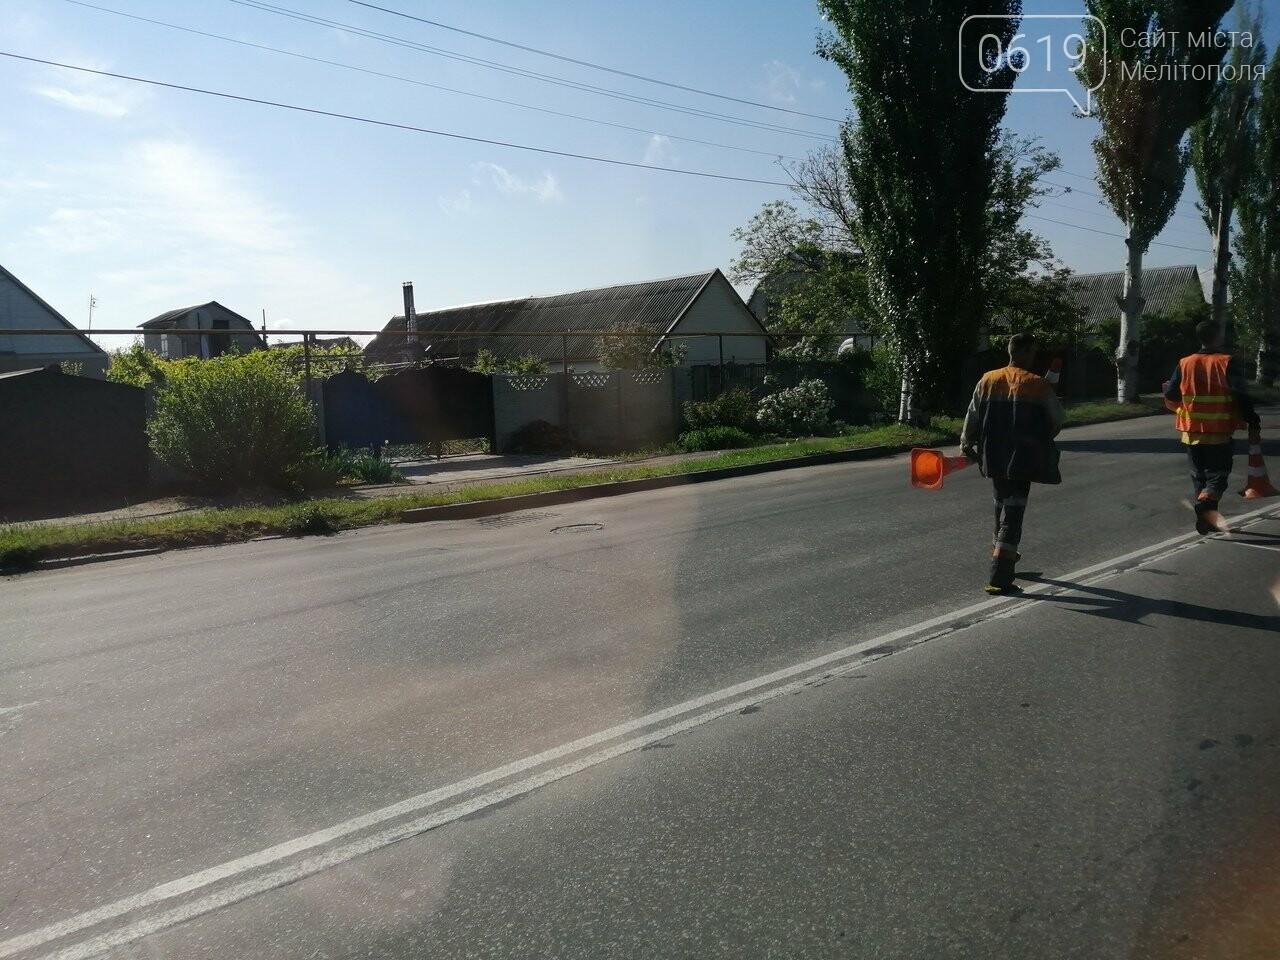 В Мелитополе продолжают наносить дорожную разметку , фото-2, Фото сайта 0619